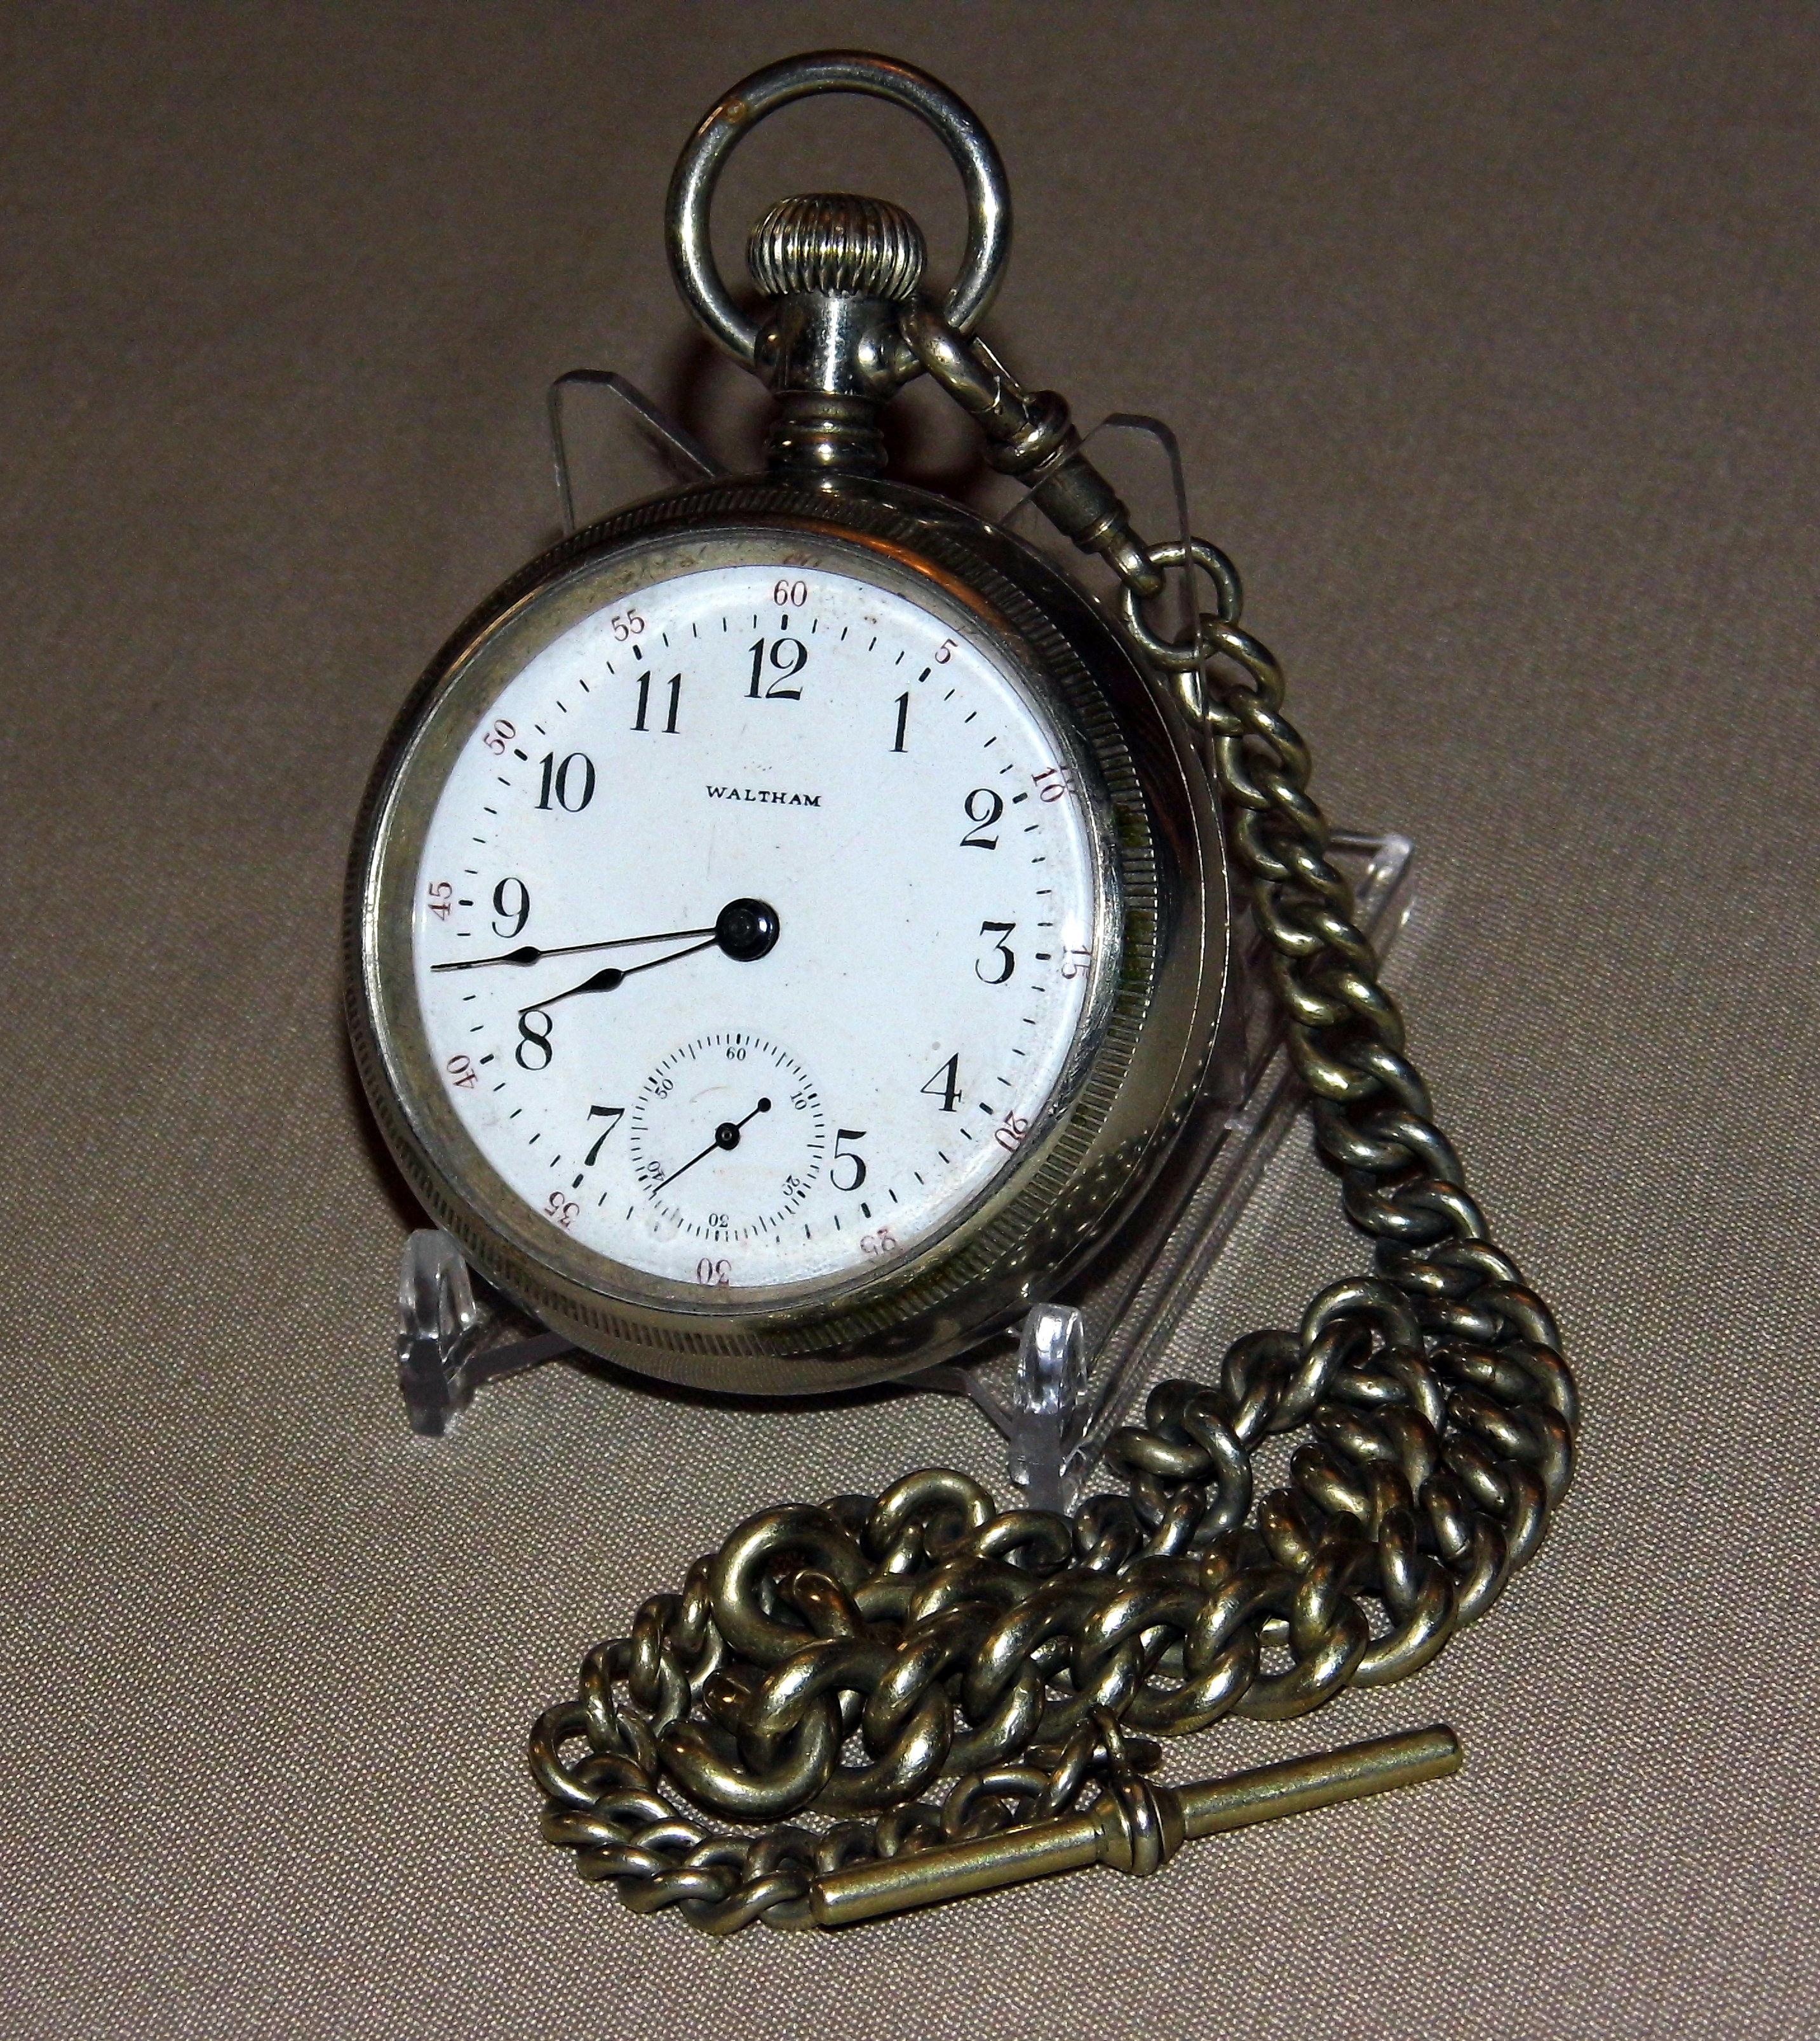 Dating dennison watch case